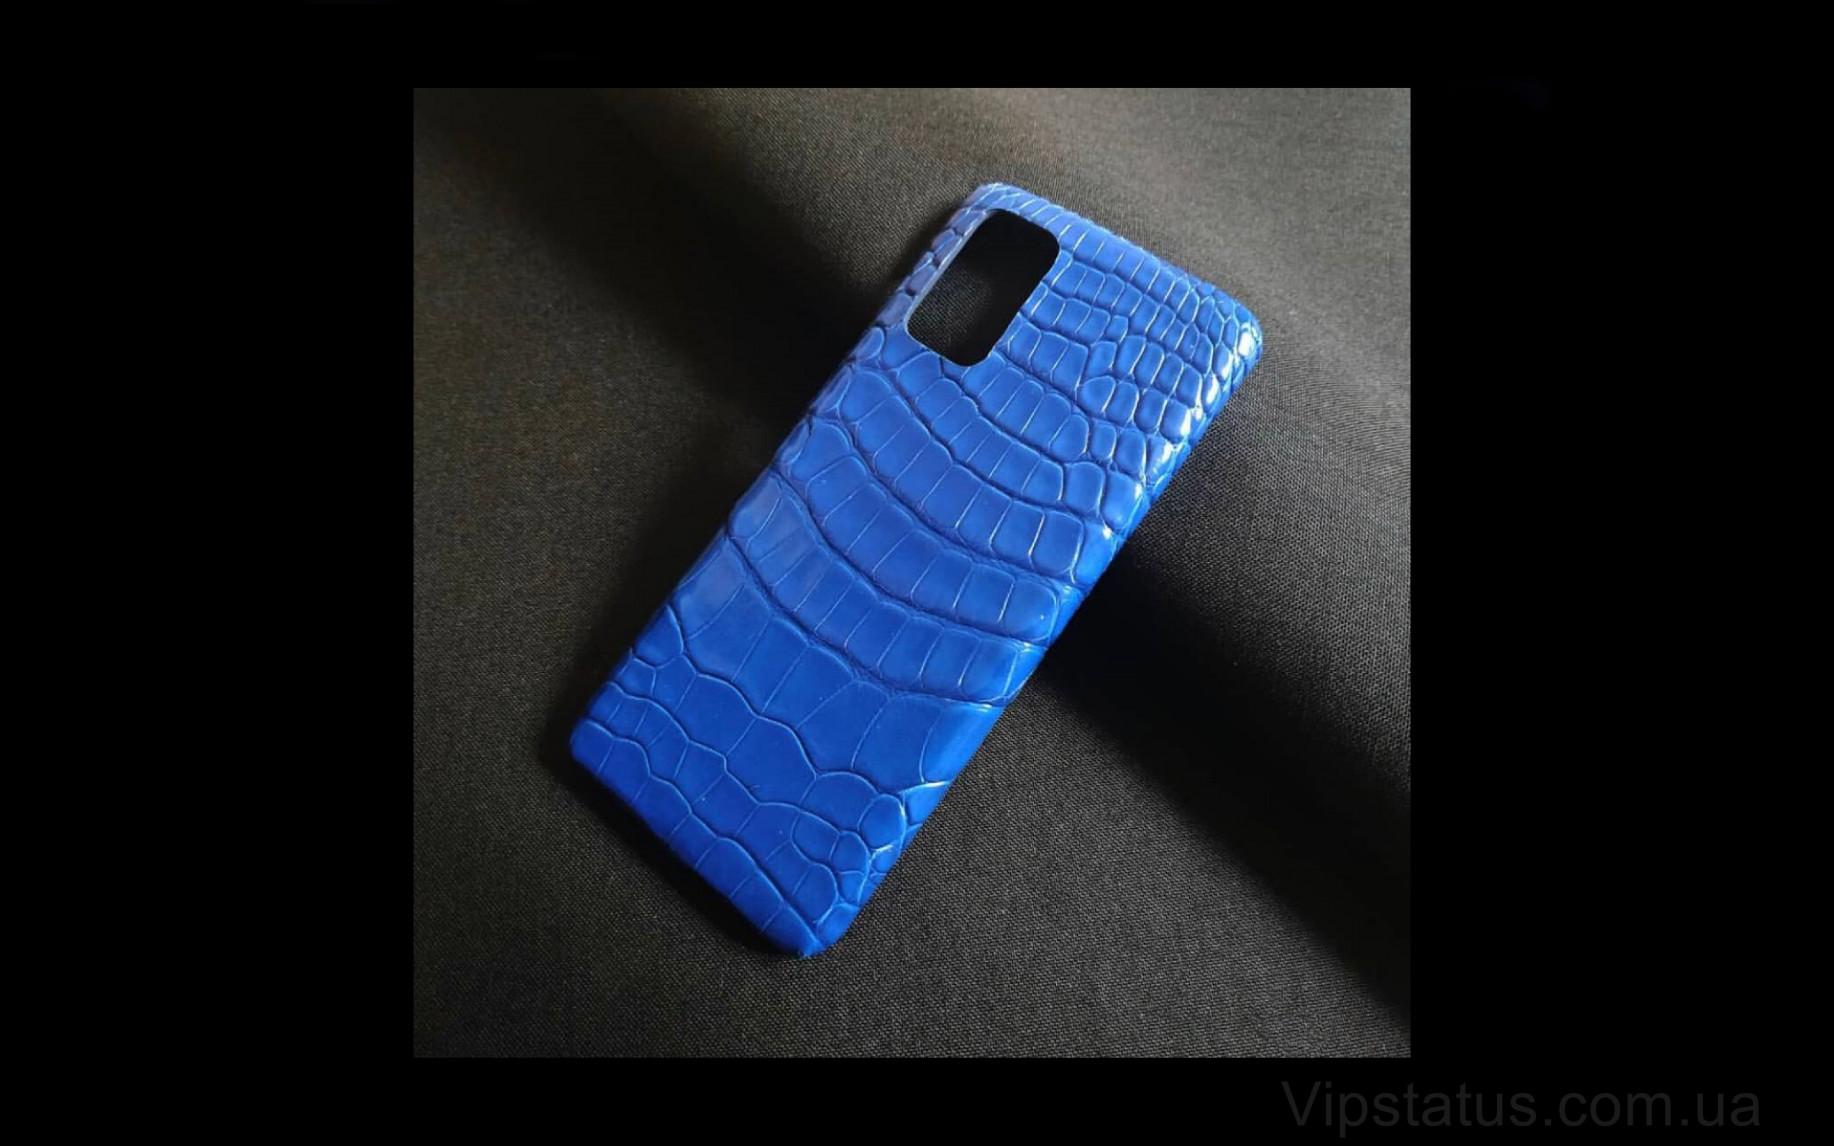 Elite Ice Blue Лакшери чехол Samsung S20 S21 Plus кожа крокодила Ice Blue Luxury case Samsung S20 S21 Plus Crocodile leather image 1